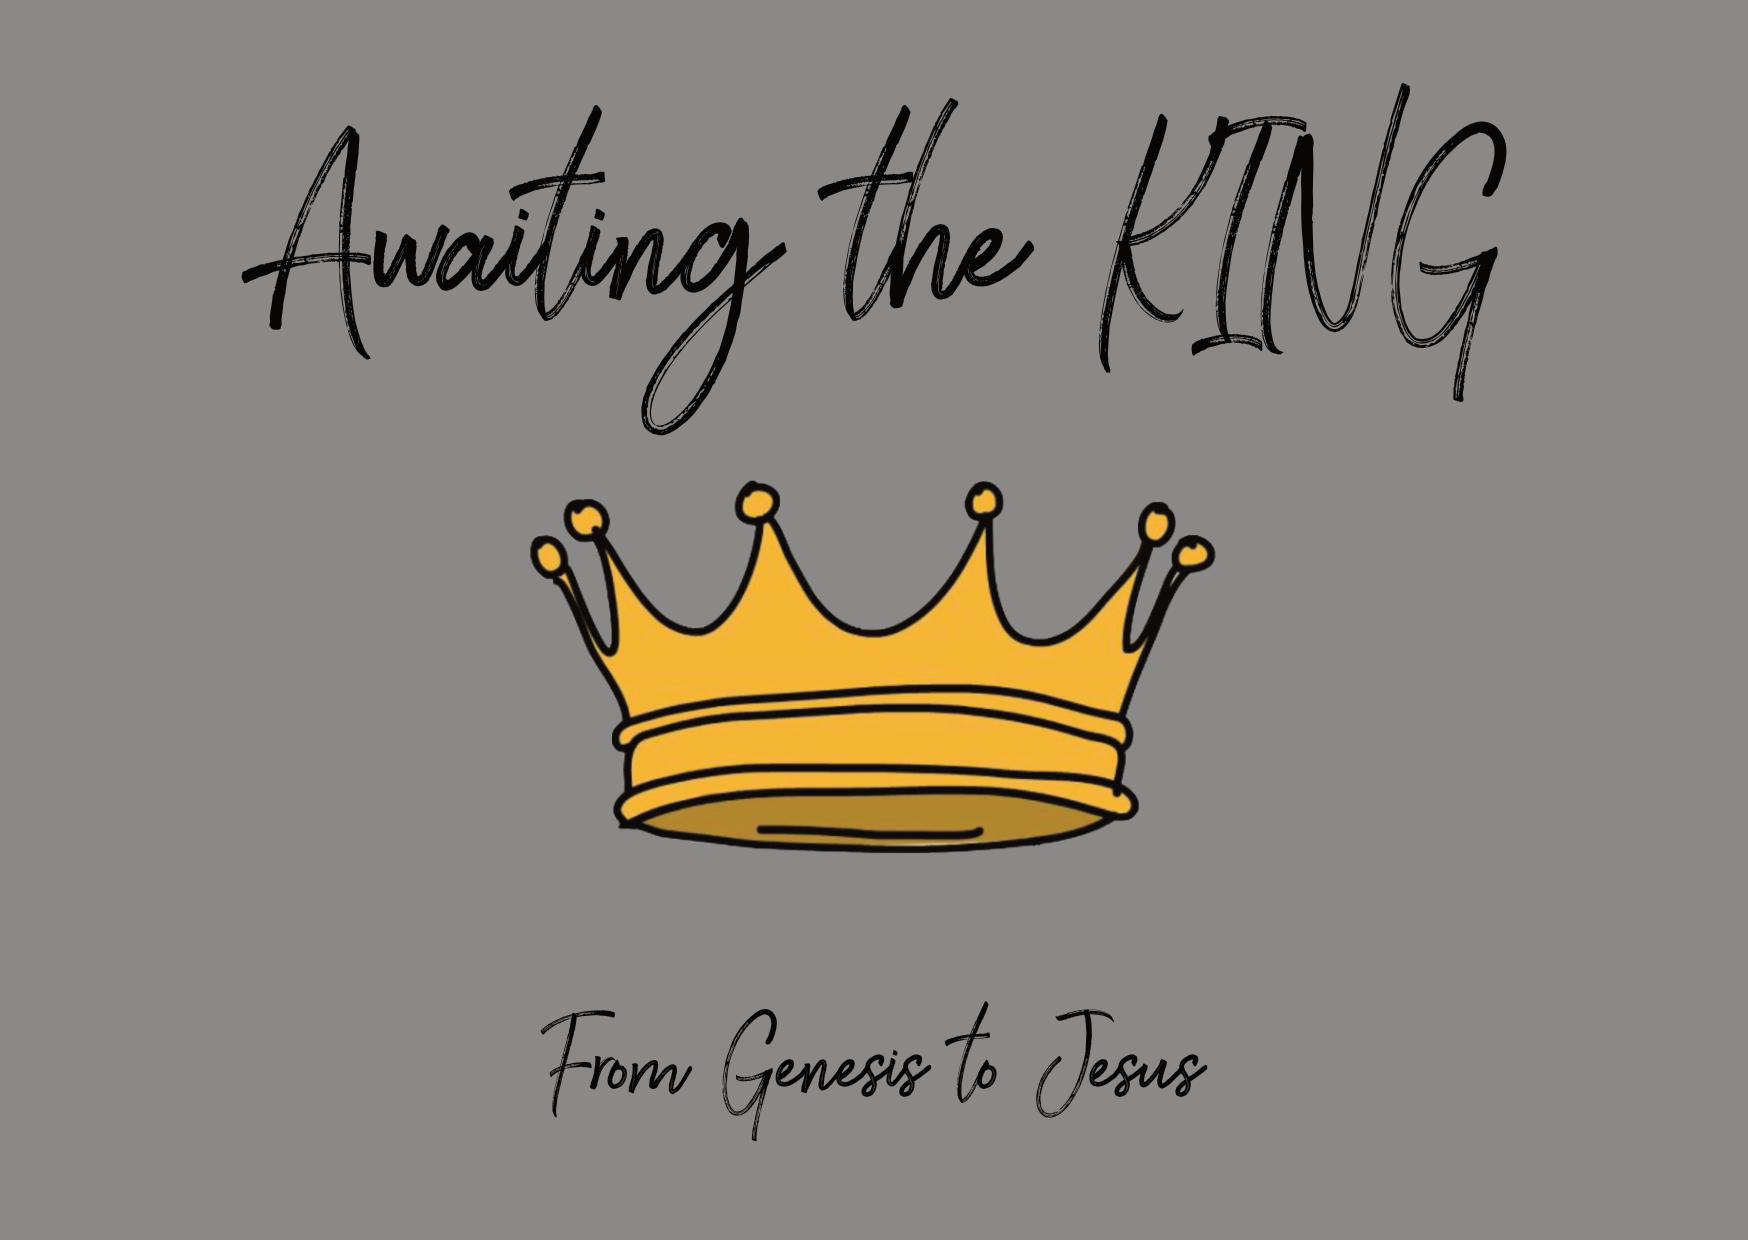 Genesis to Jesus 5.png